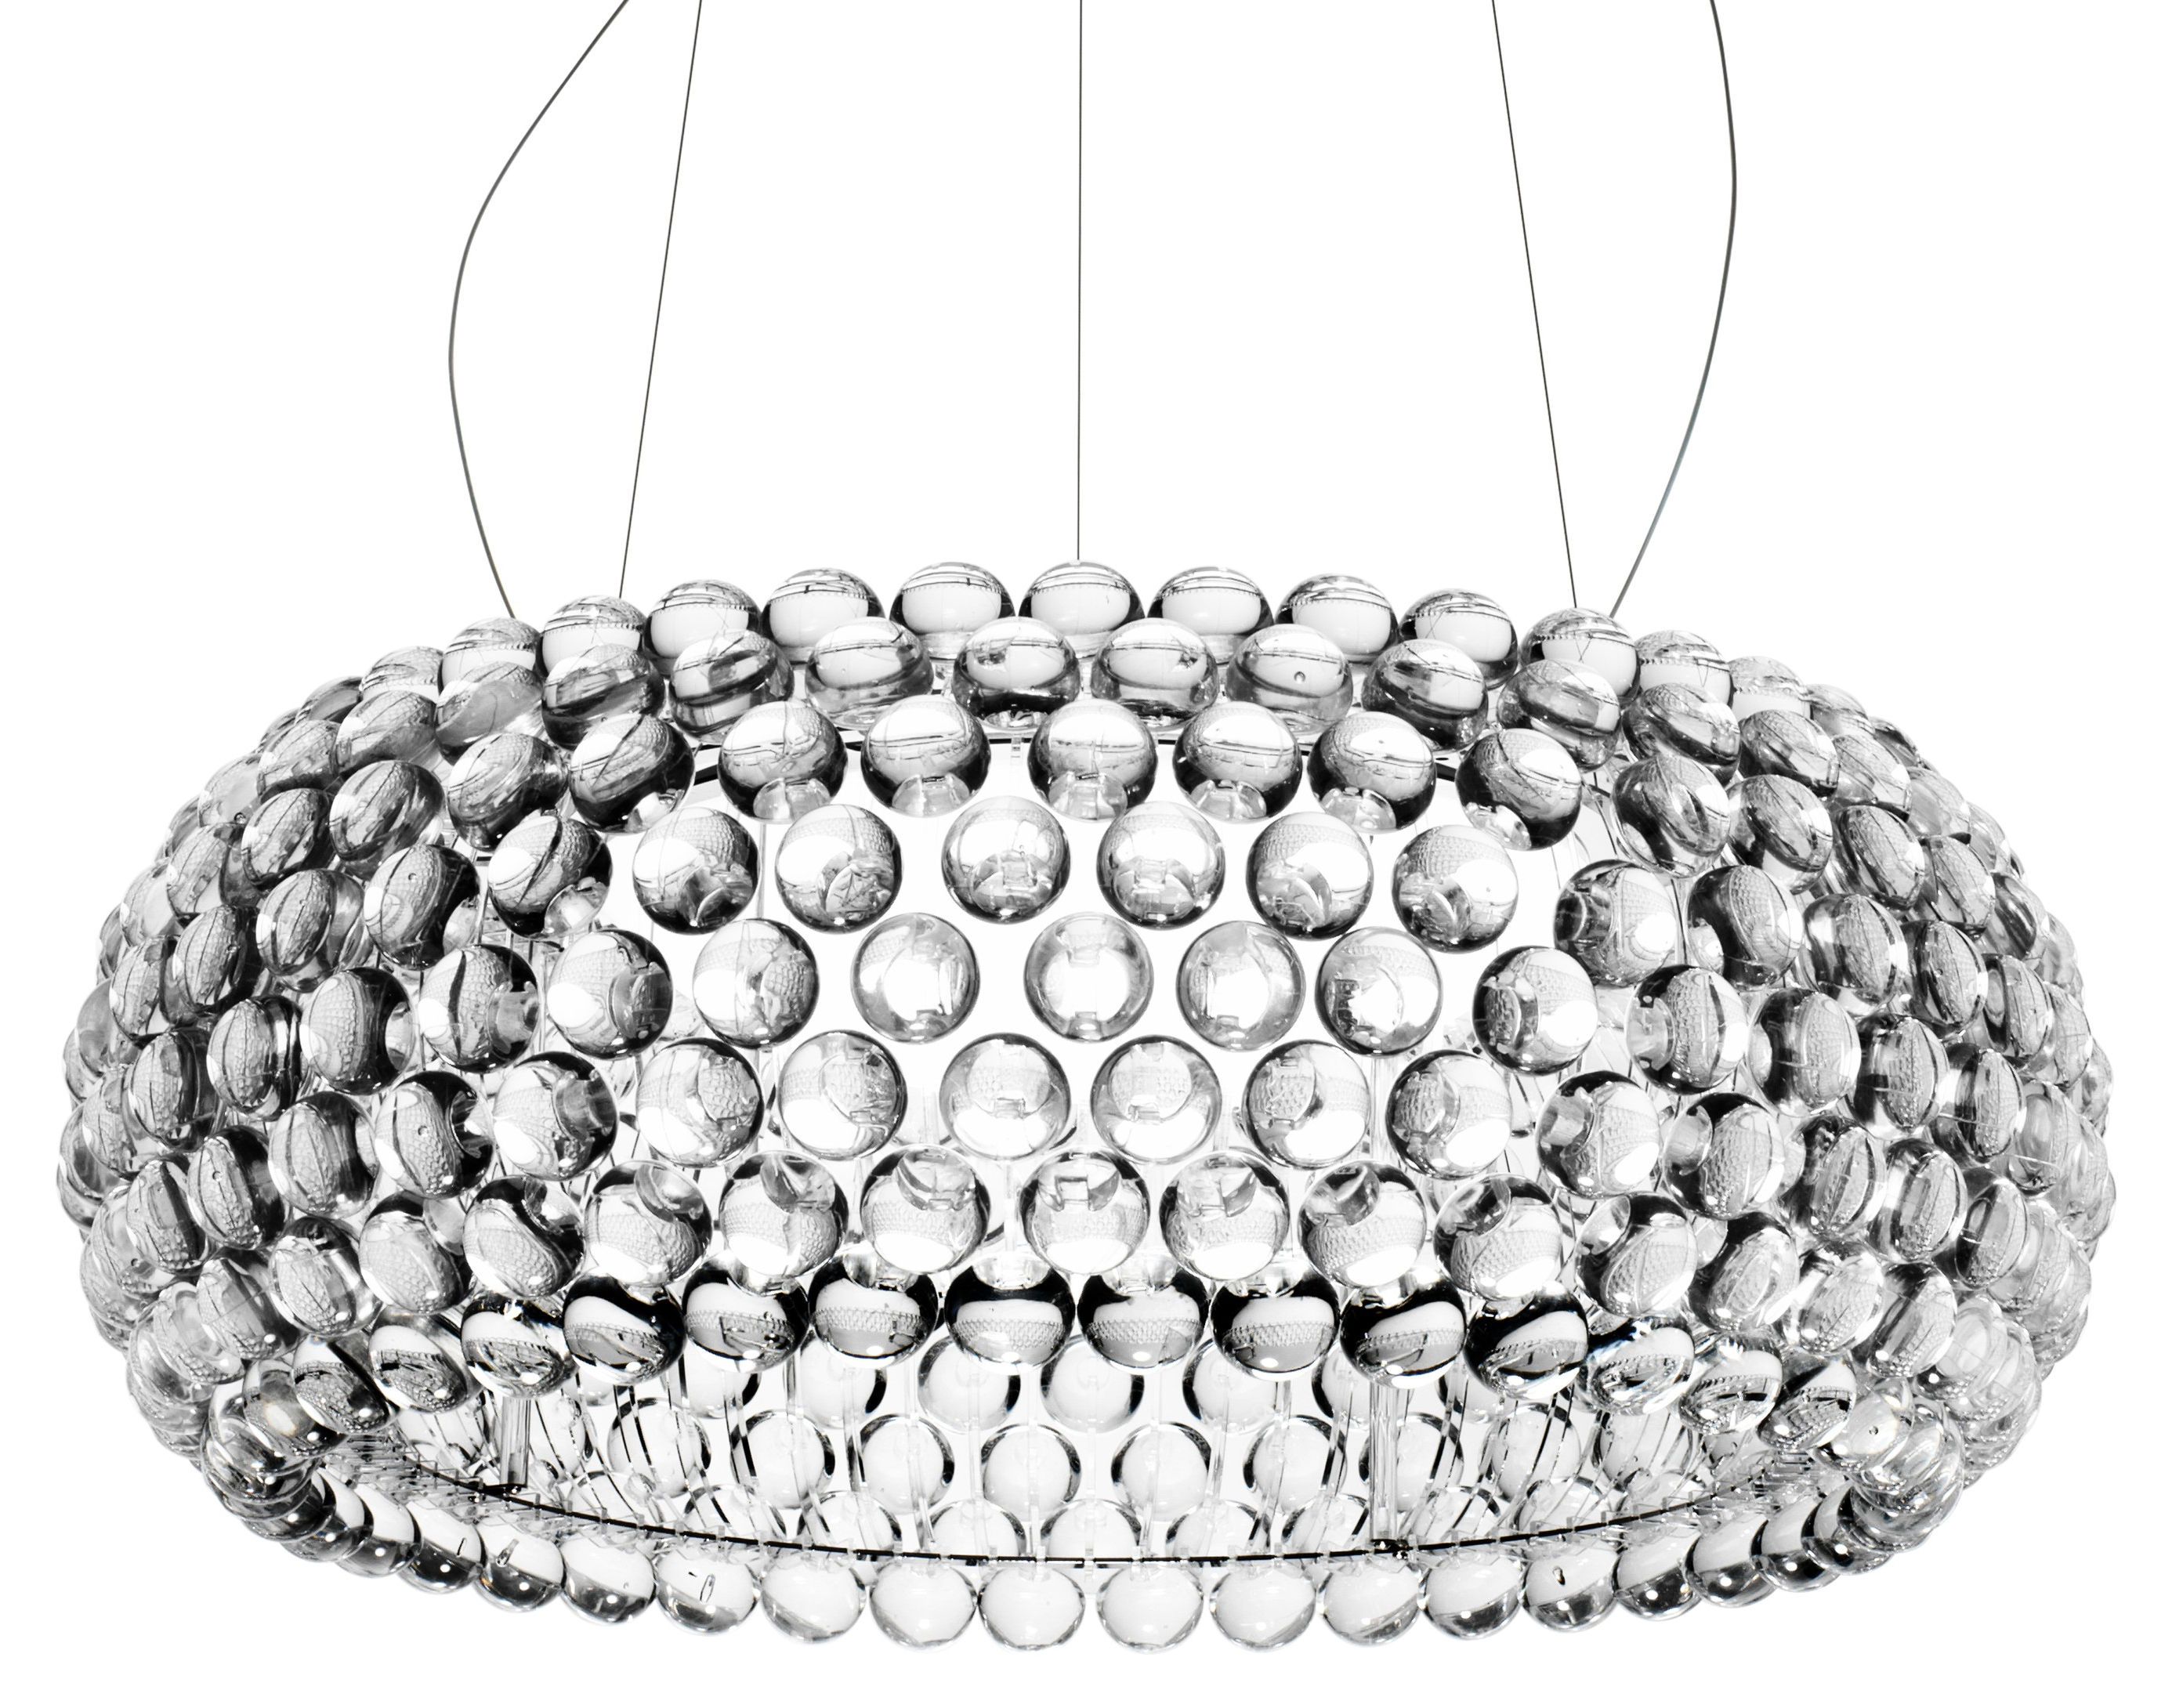 Leuchten - Pendelleuchten - Caboche Grande Pendelleuchte - Foscarini - Schirm Ø 70 cm - H 28 cm - PMMA